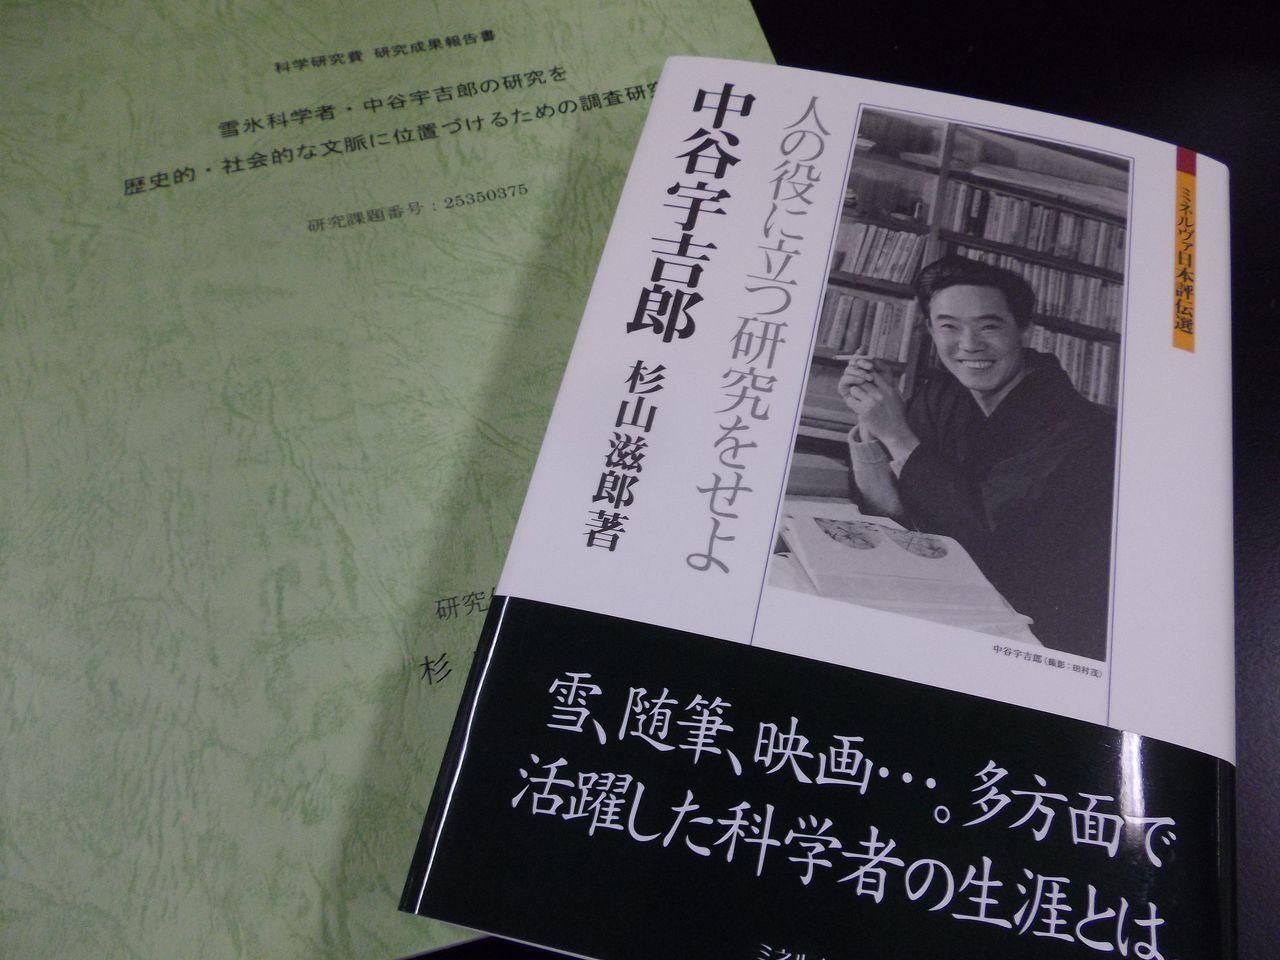 シズちゃんの帰還と中谷宇吉郎本_c0025115_20415967.jpg